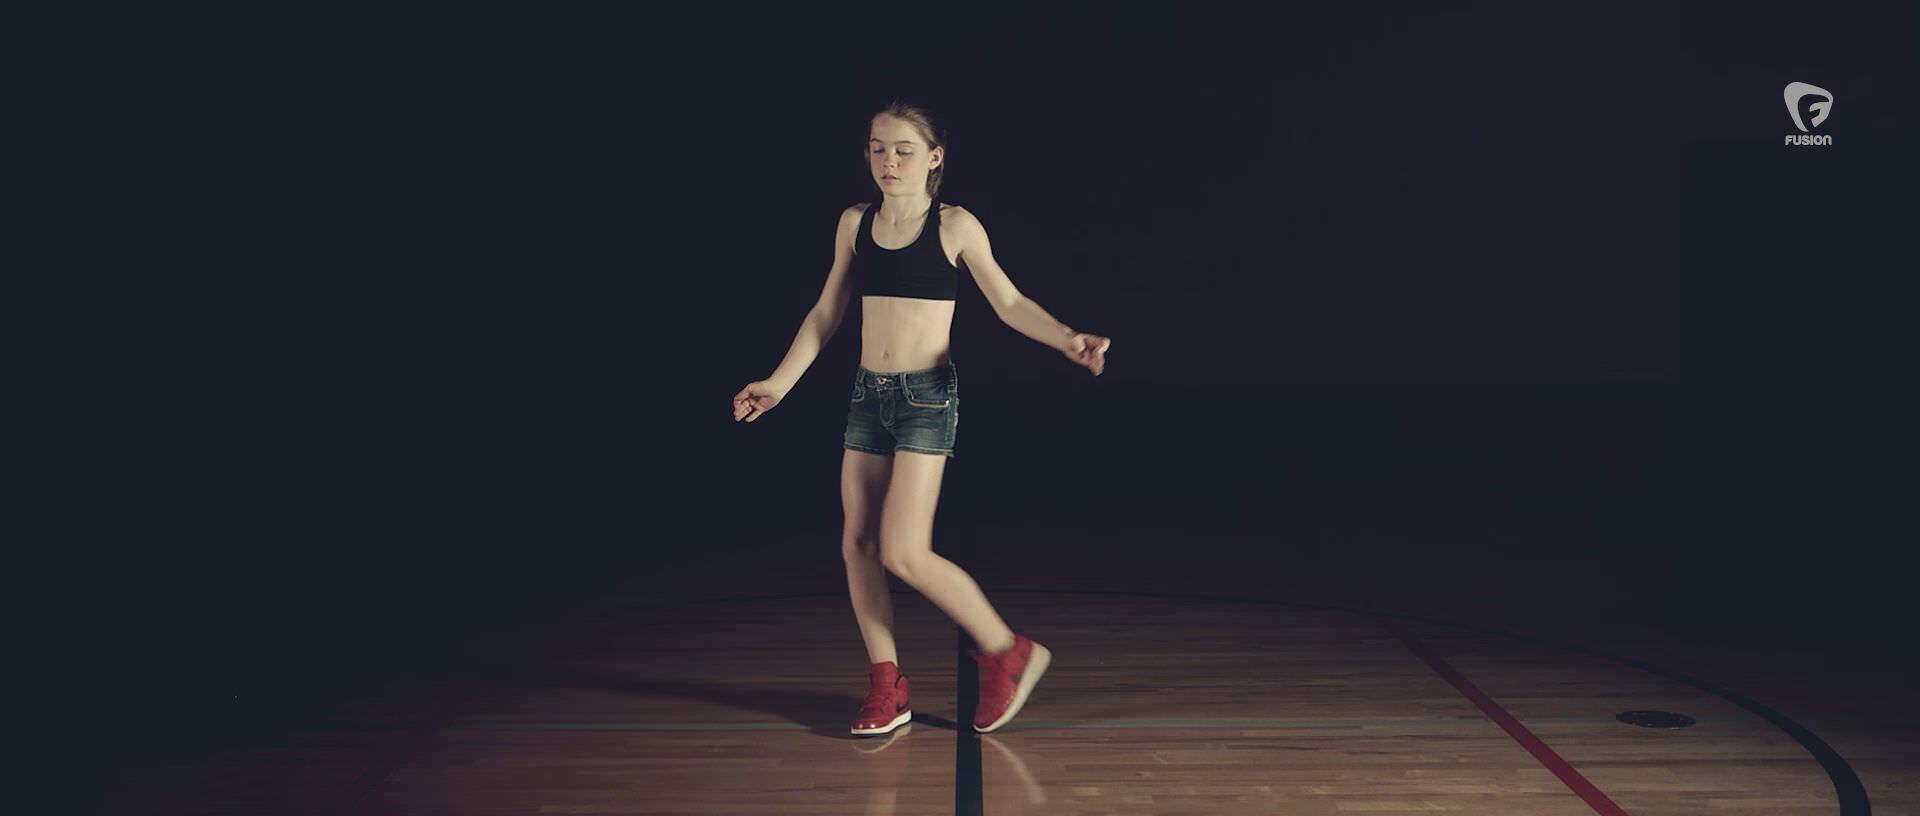 12才の少女がダブステップダンスをマスターしたのはYouTubeのおかげだった